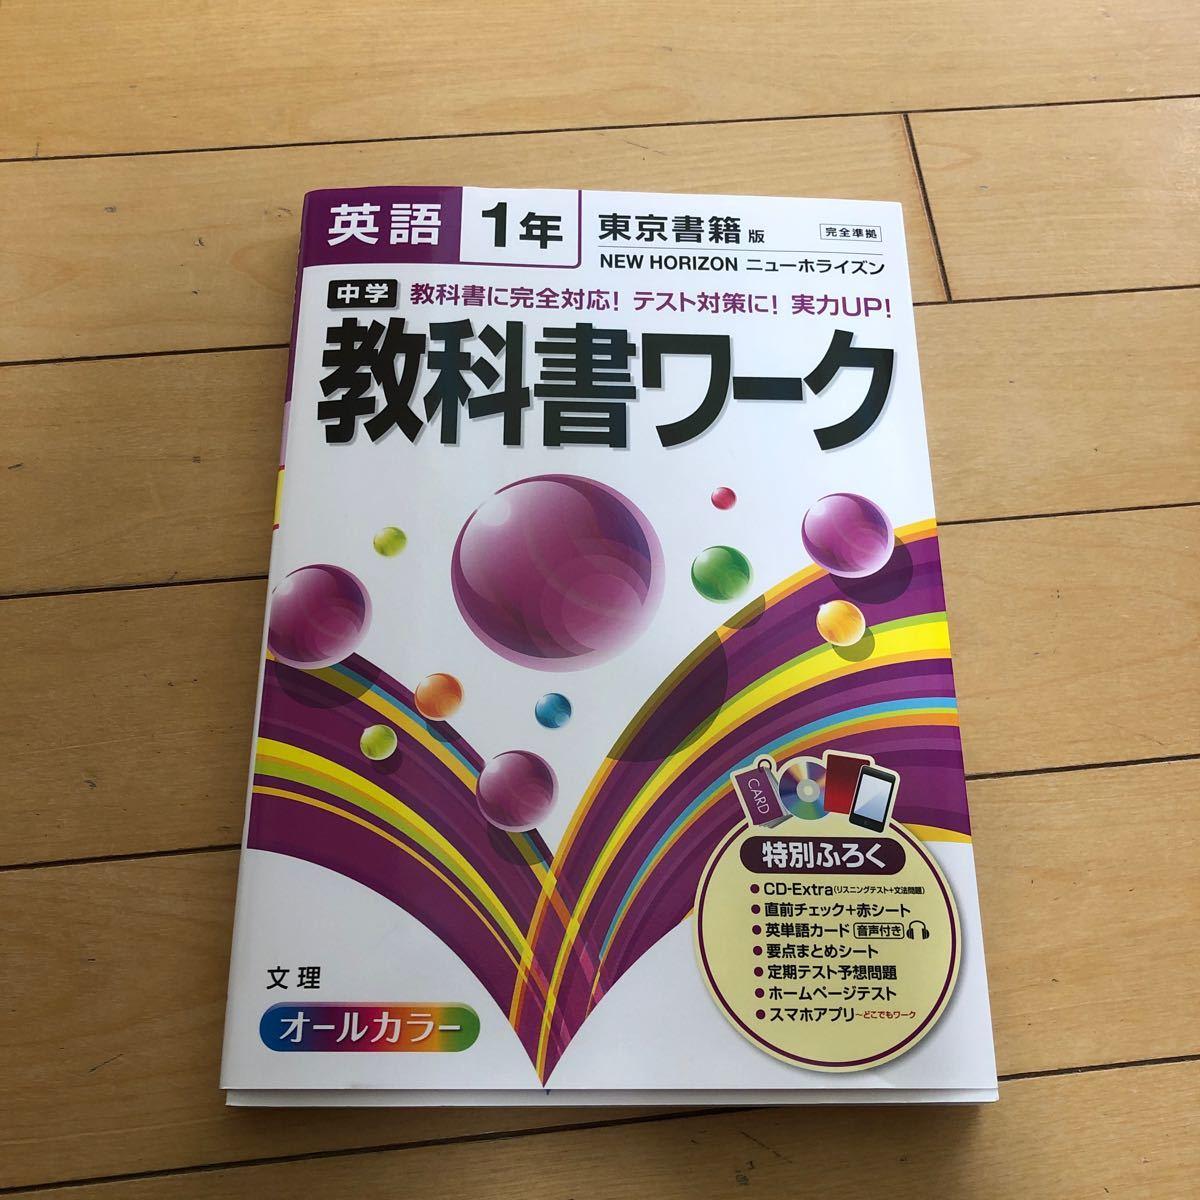 中学1年 英語  教科書ワーク  東京書籍